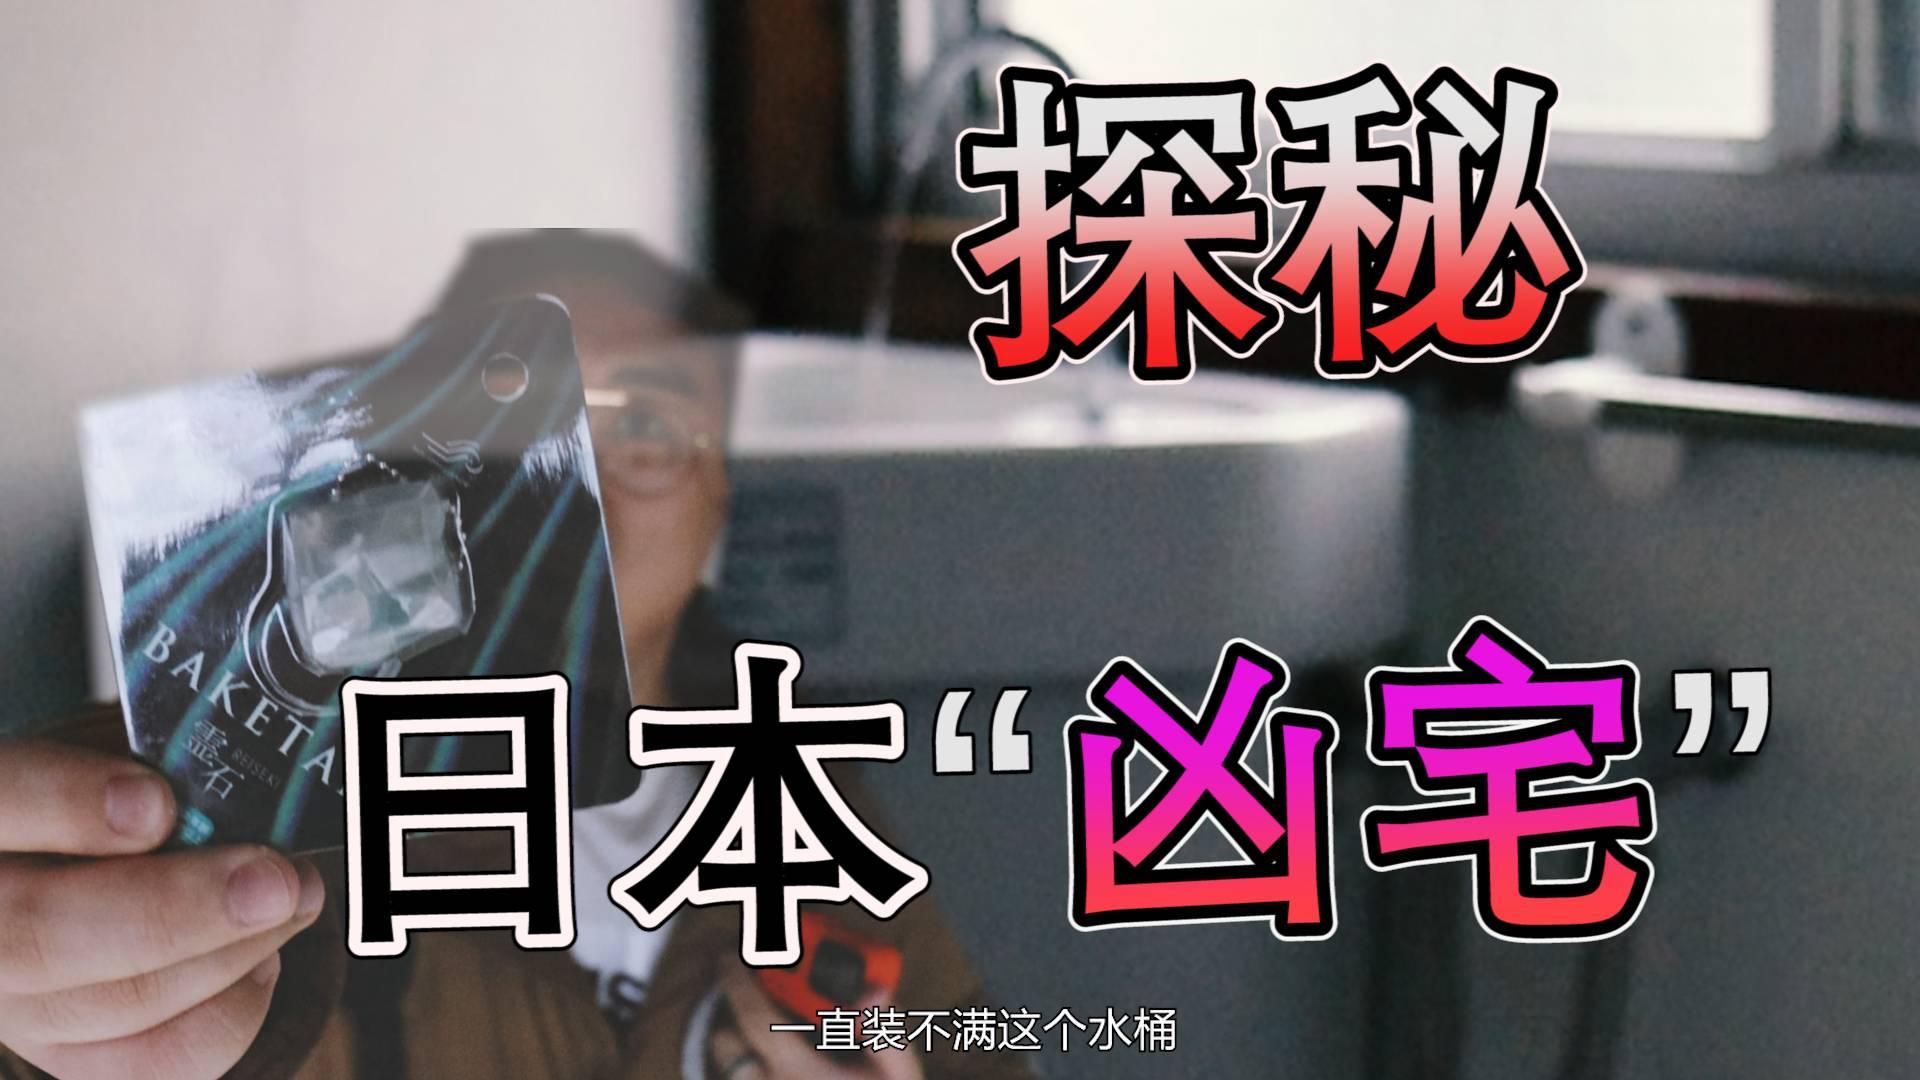 """「闲人日记」东京最便宜的房屋竟然是""""凶宅 """"一起去探秘吧!"""